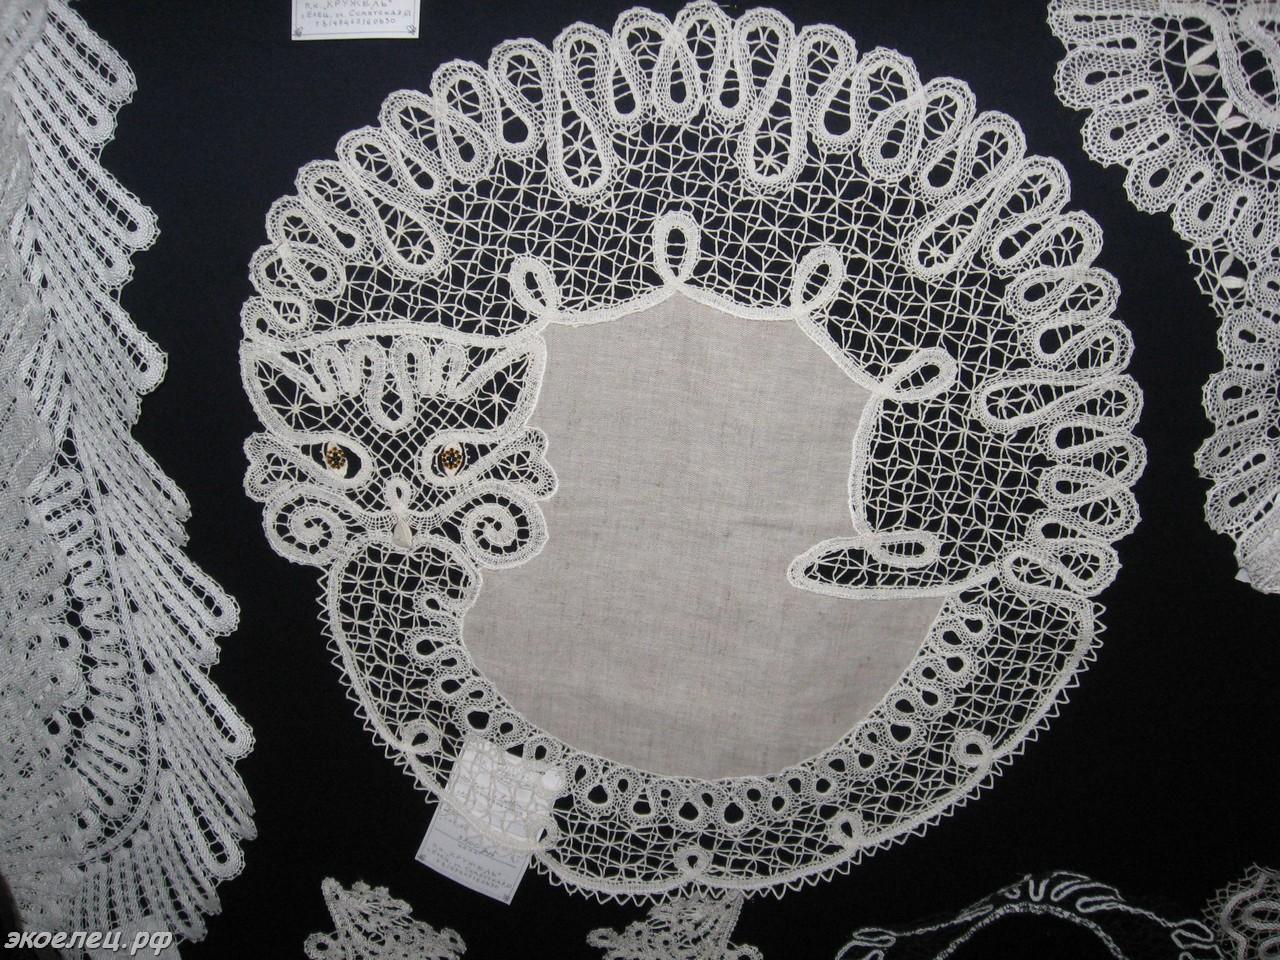 Елецкое кружево схемы фото